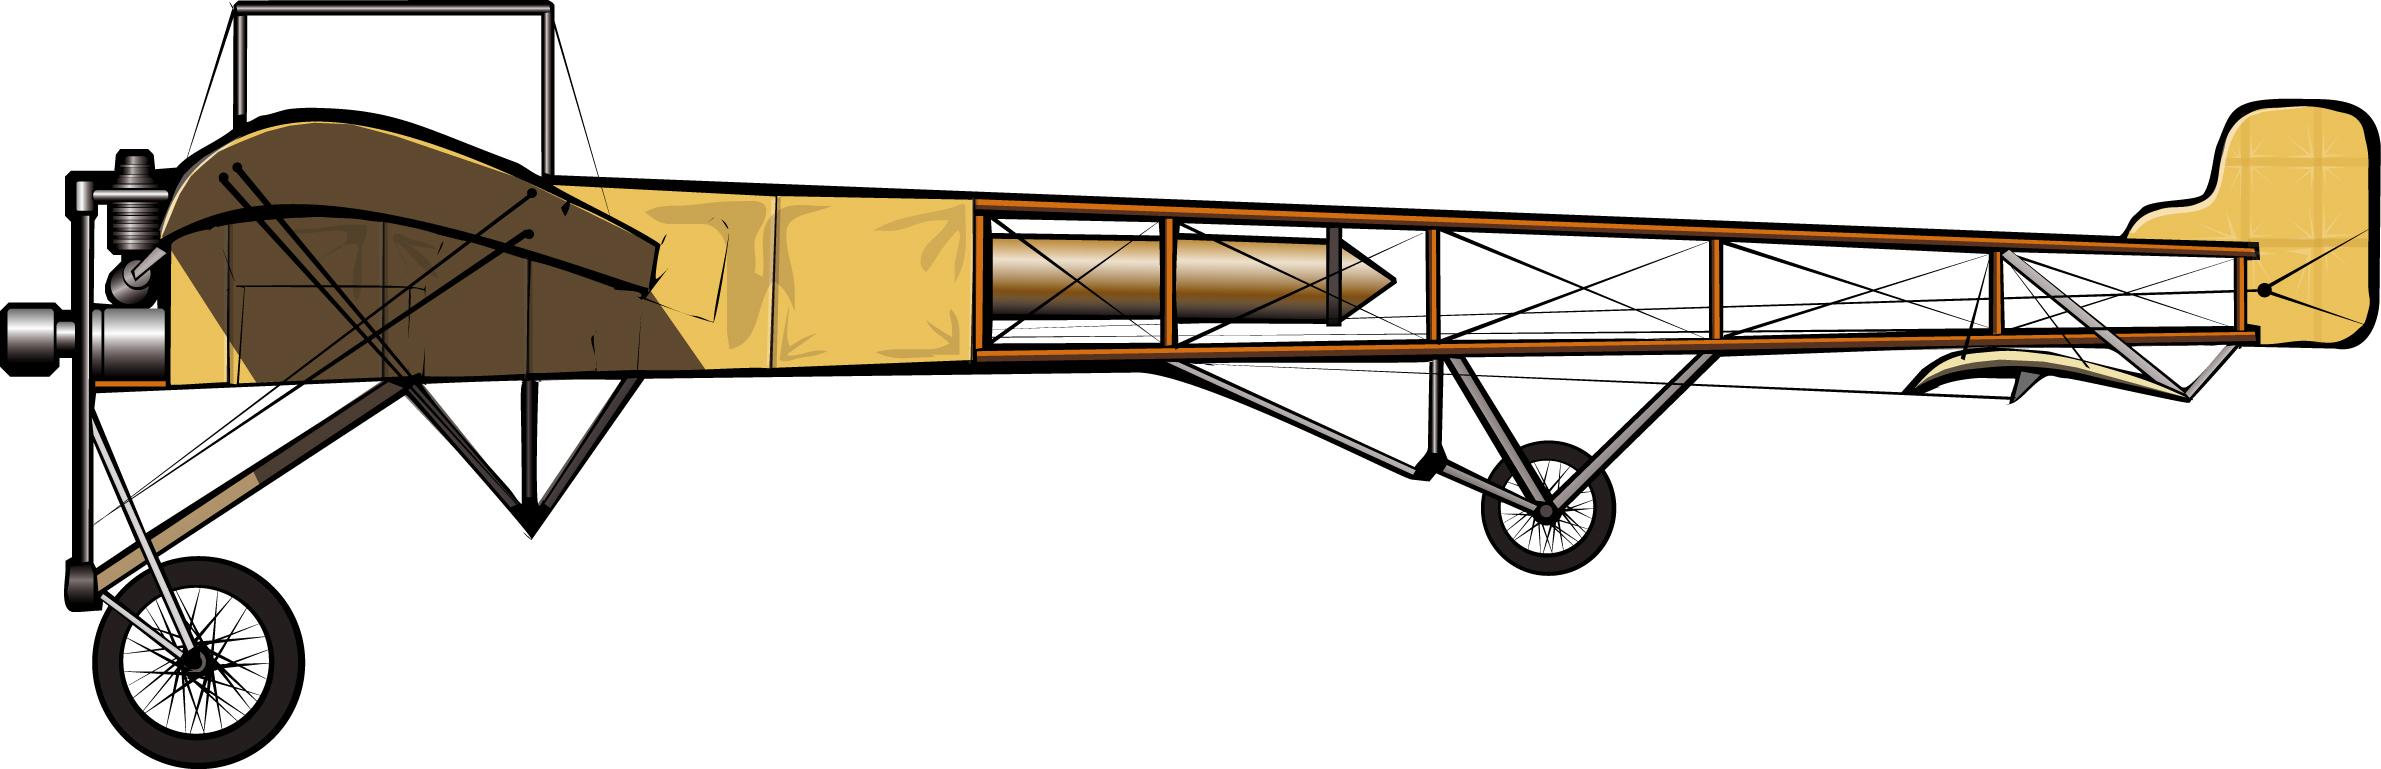 bleriotxI1909